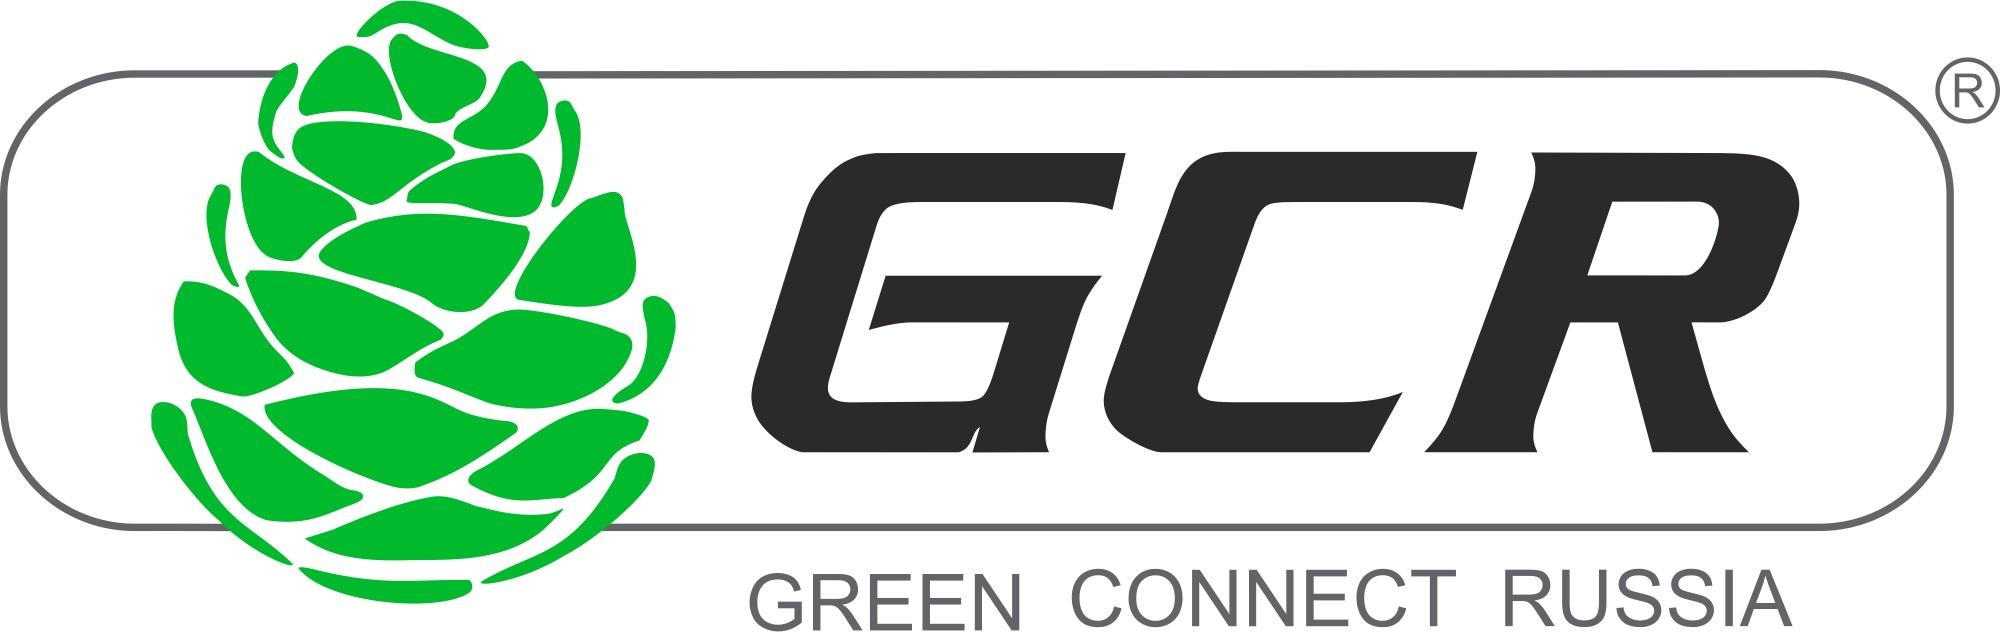 Greenconnect